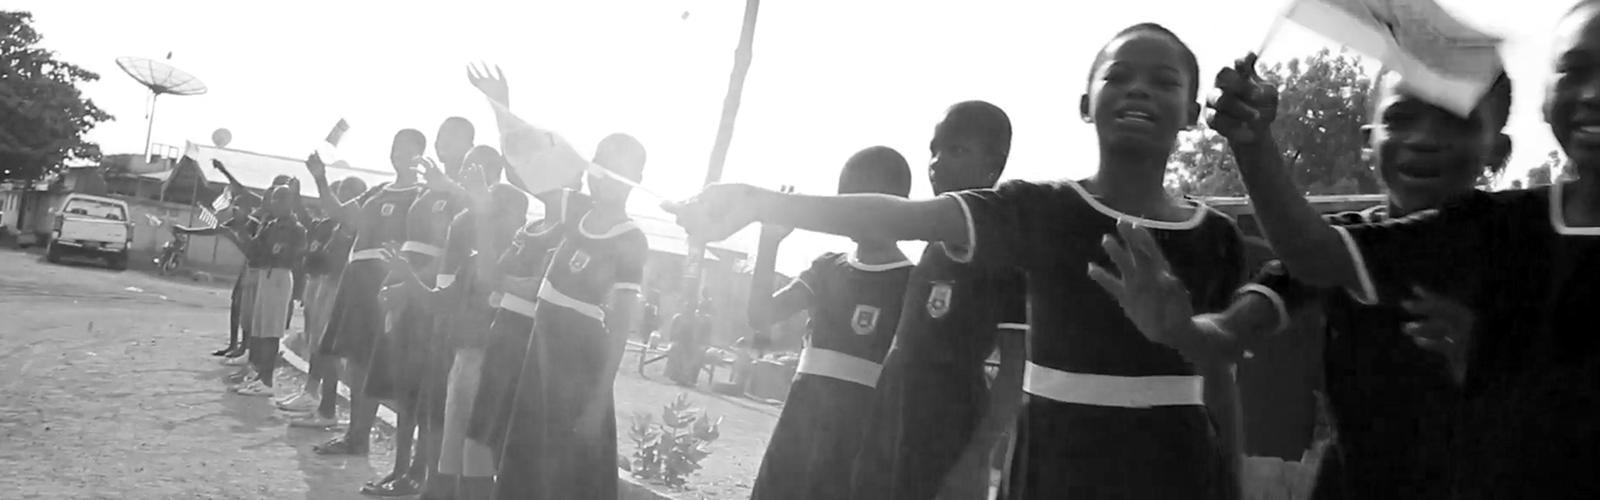 ghana-kids-bw